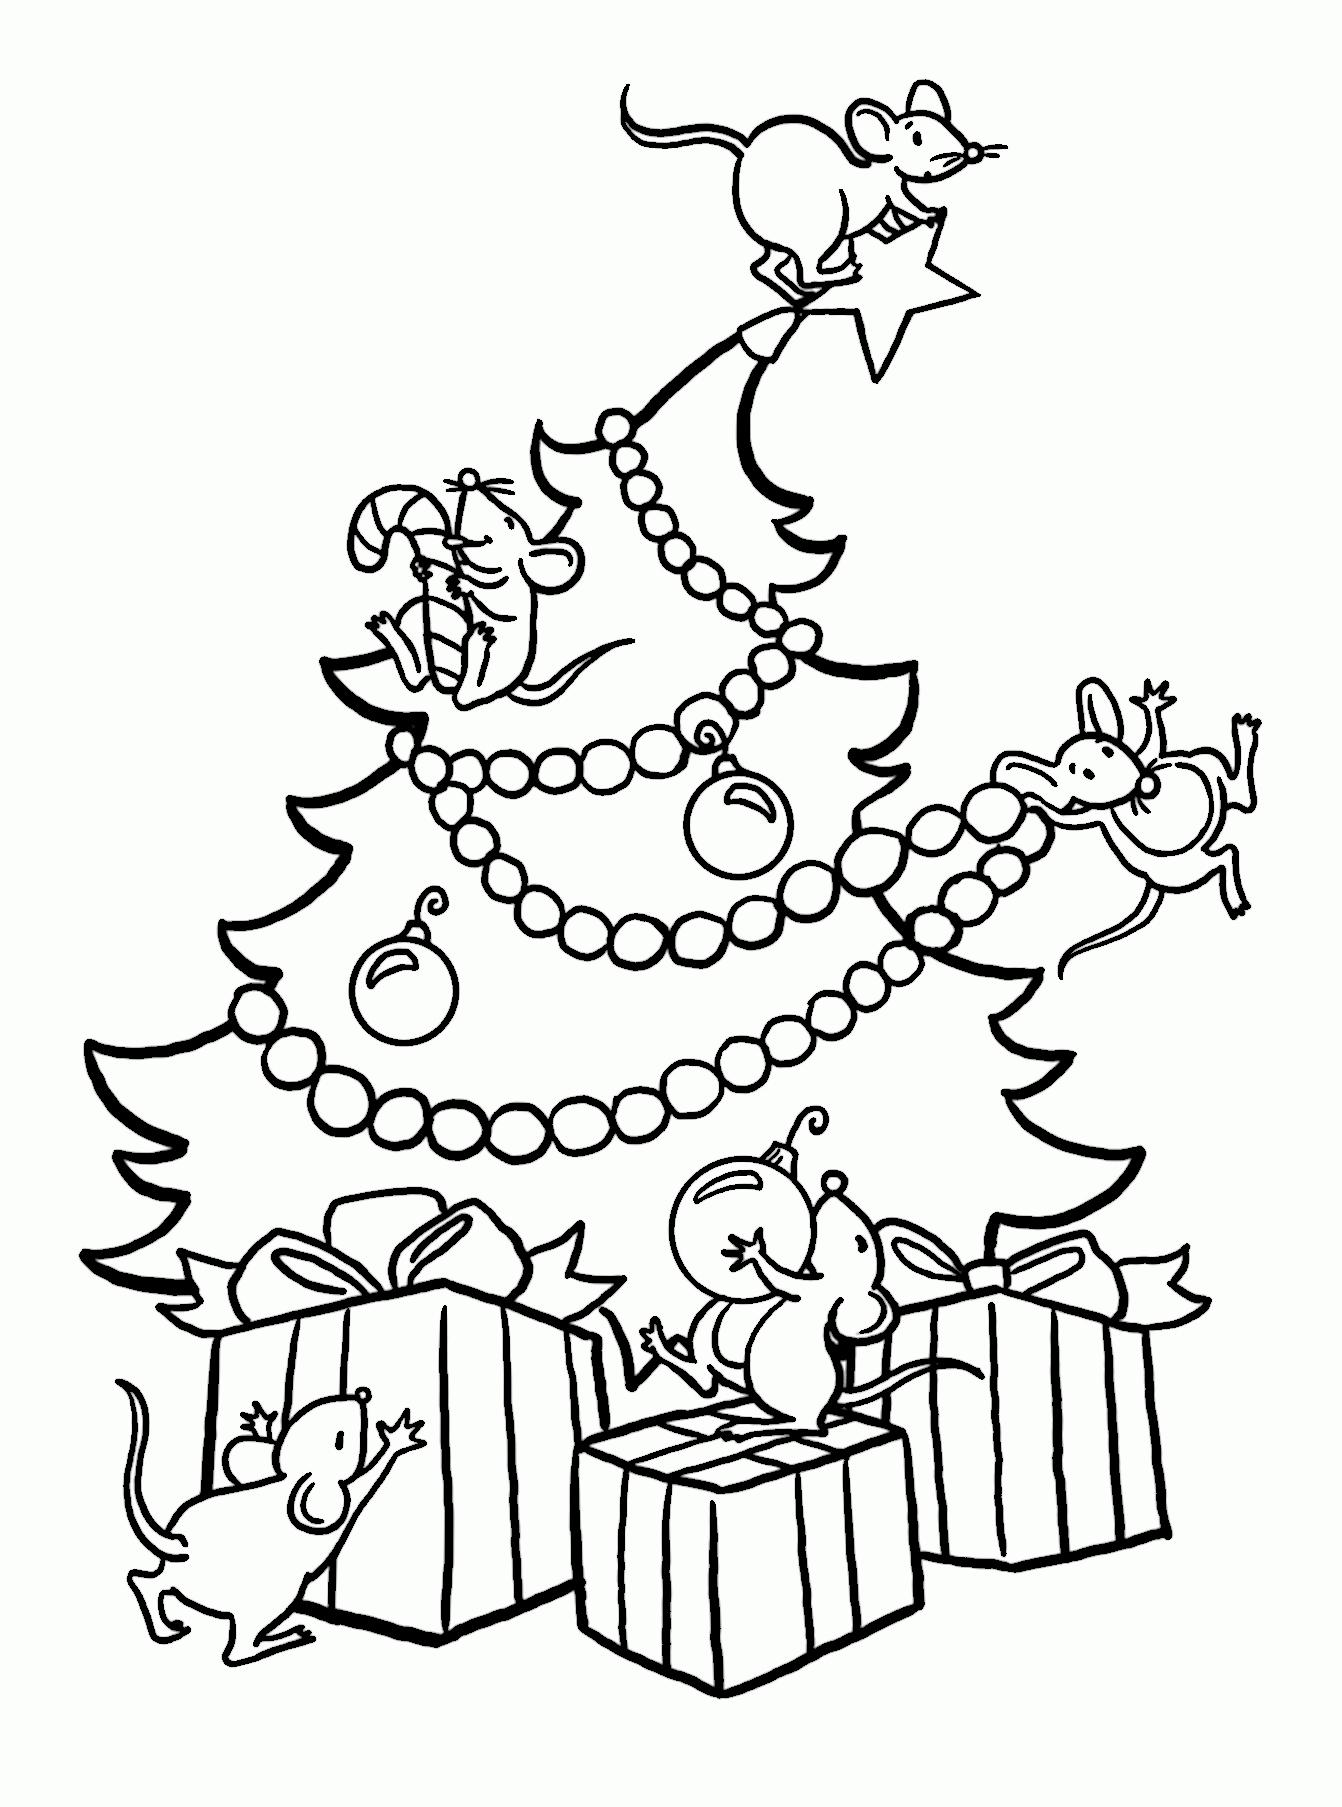 Dibujos de navidad para colorear im genes navidad para for Dibujos de navidad pintados